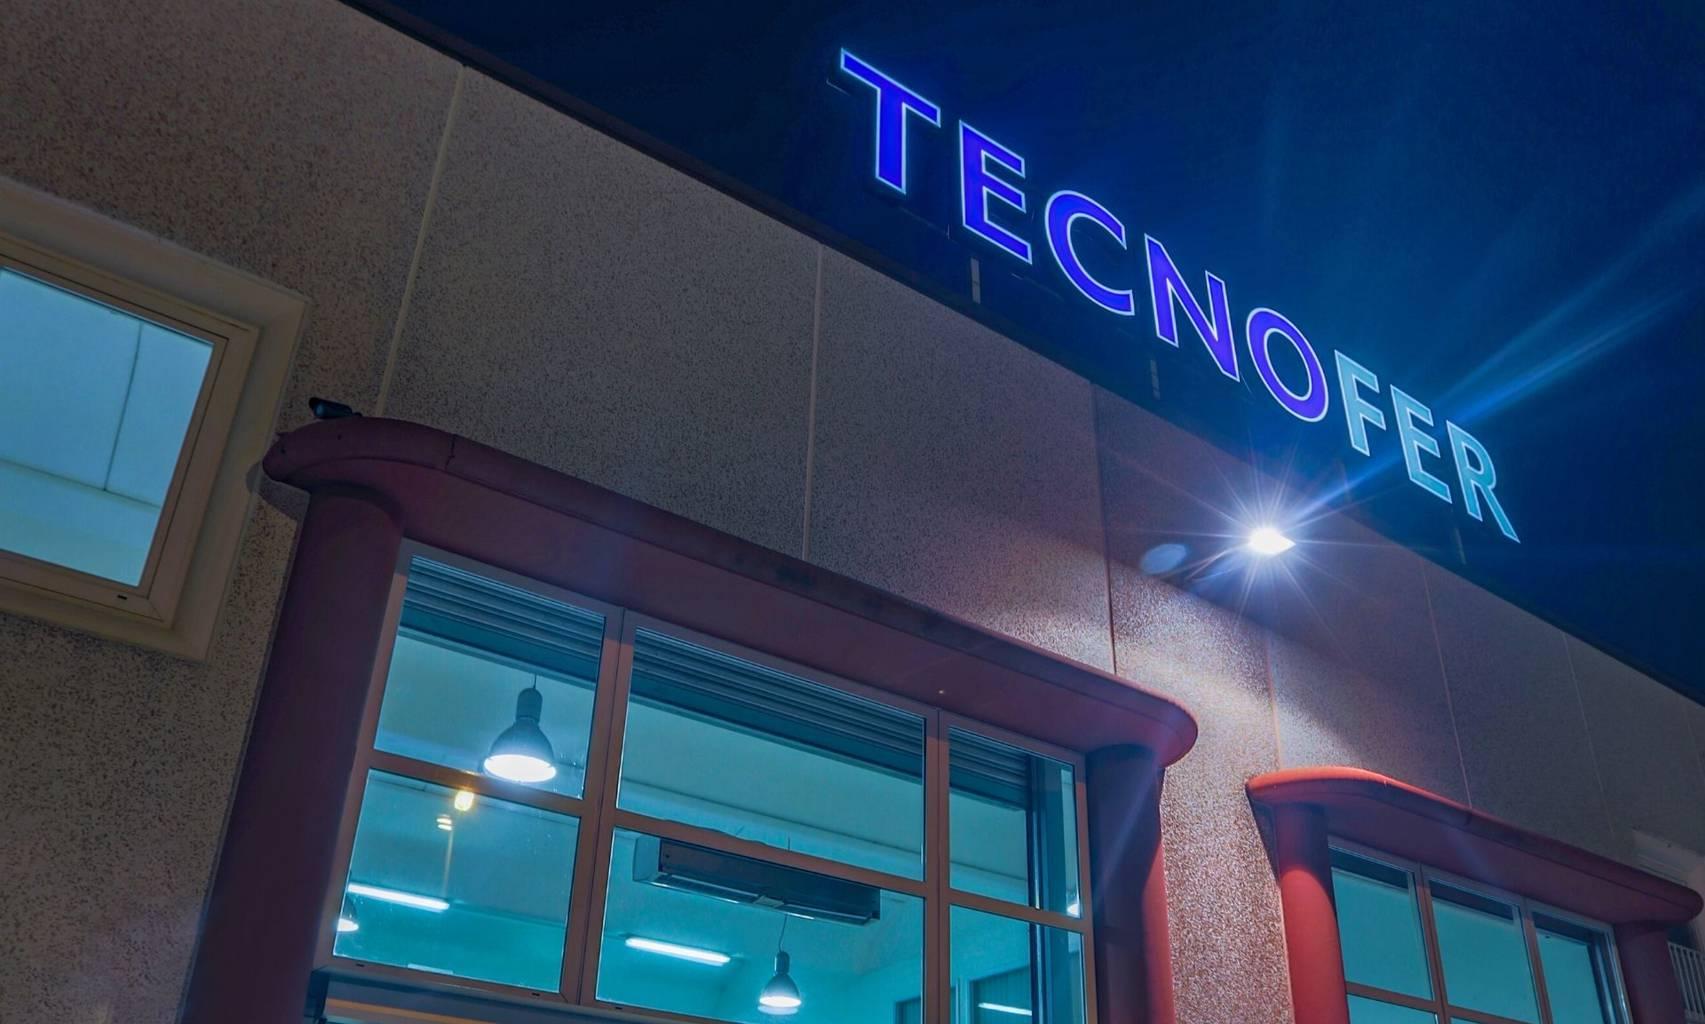 Tecnofer s.r.l. - ferramenta perugia online